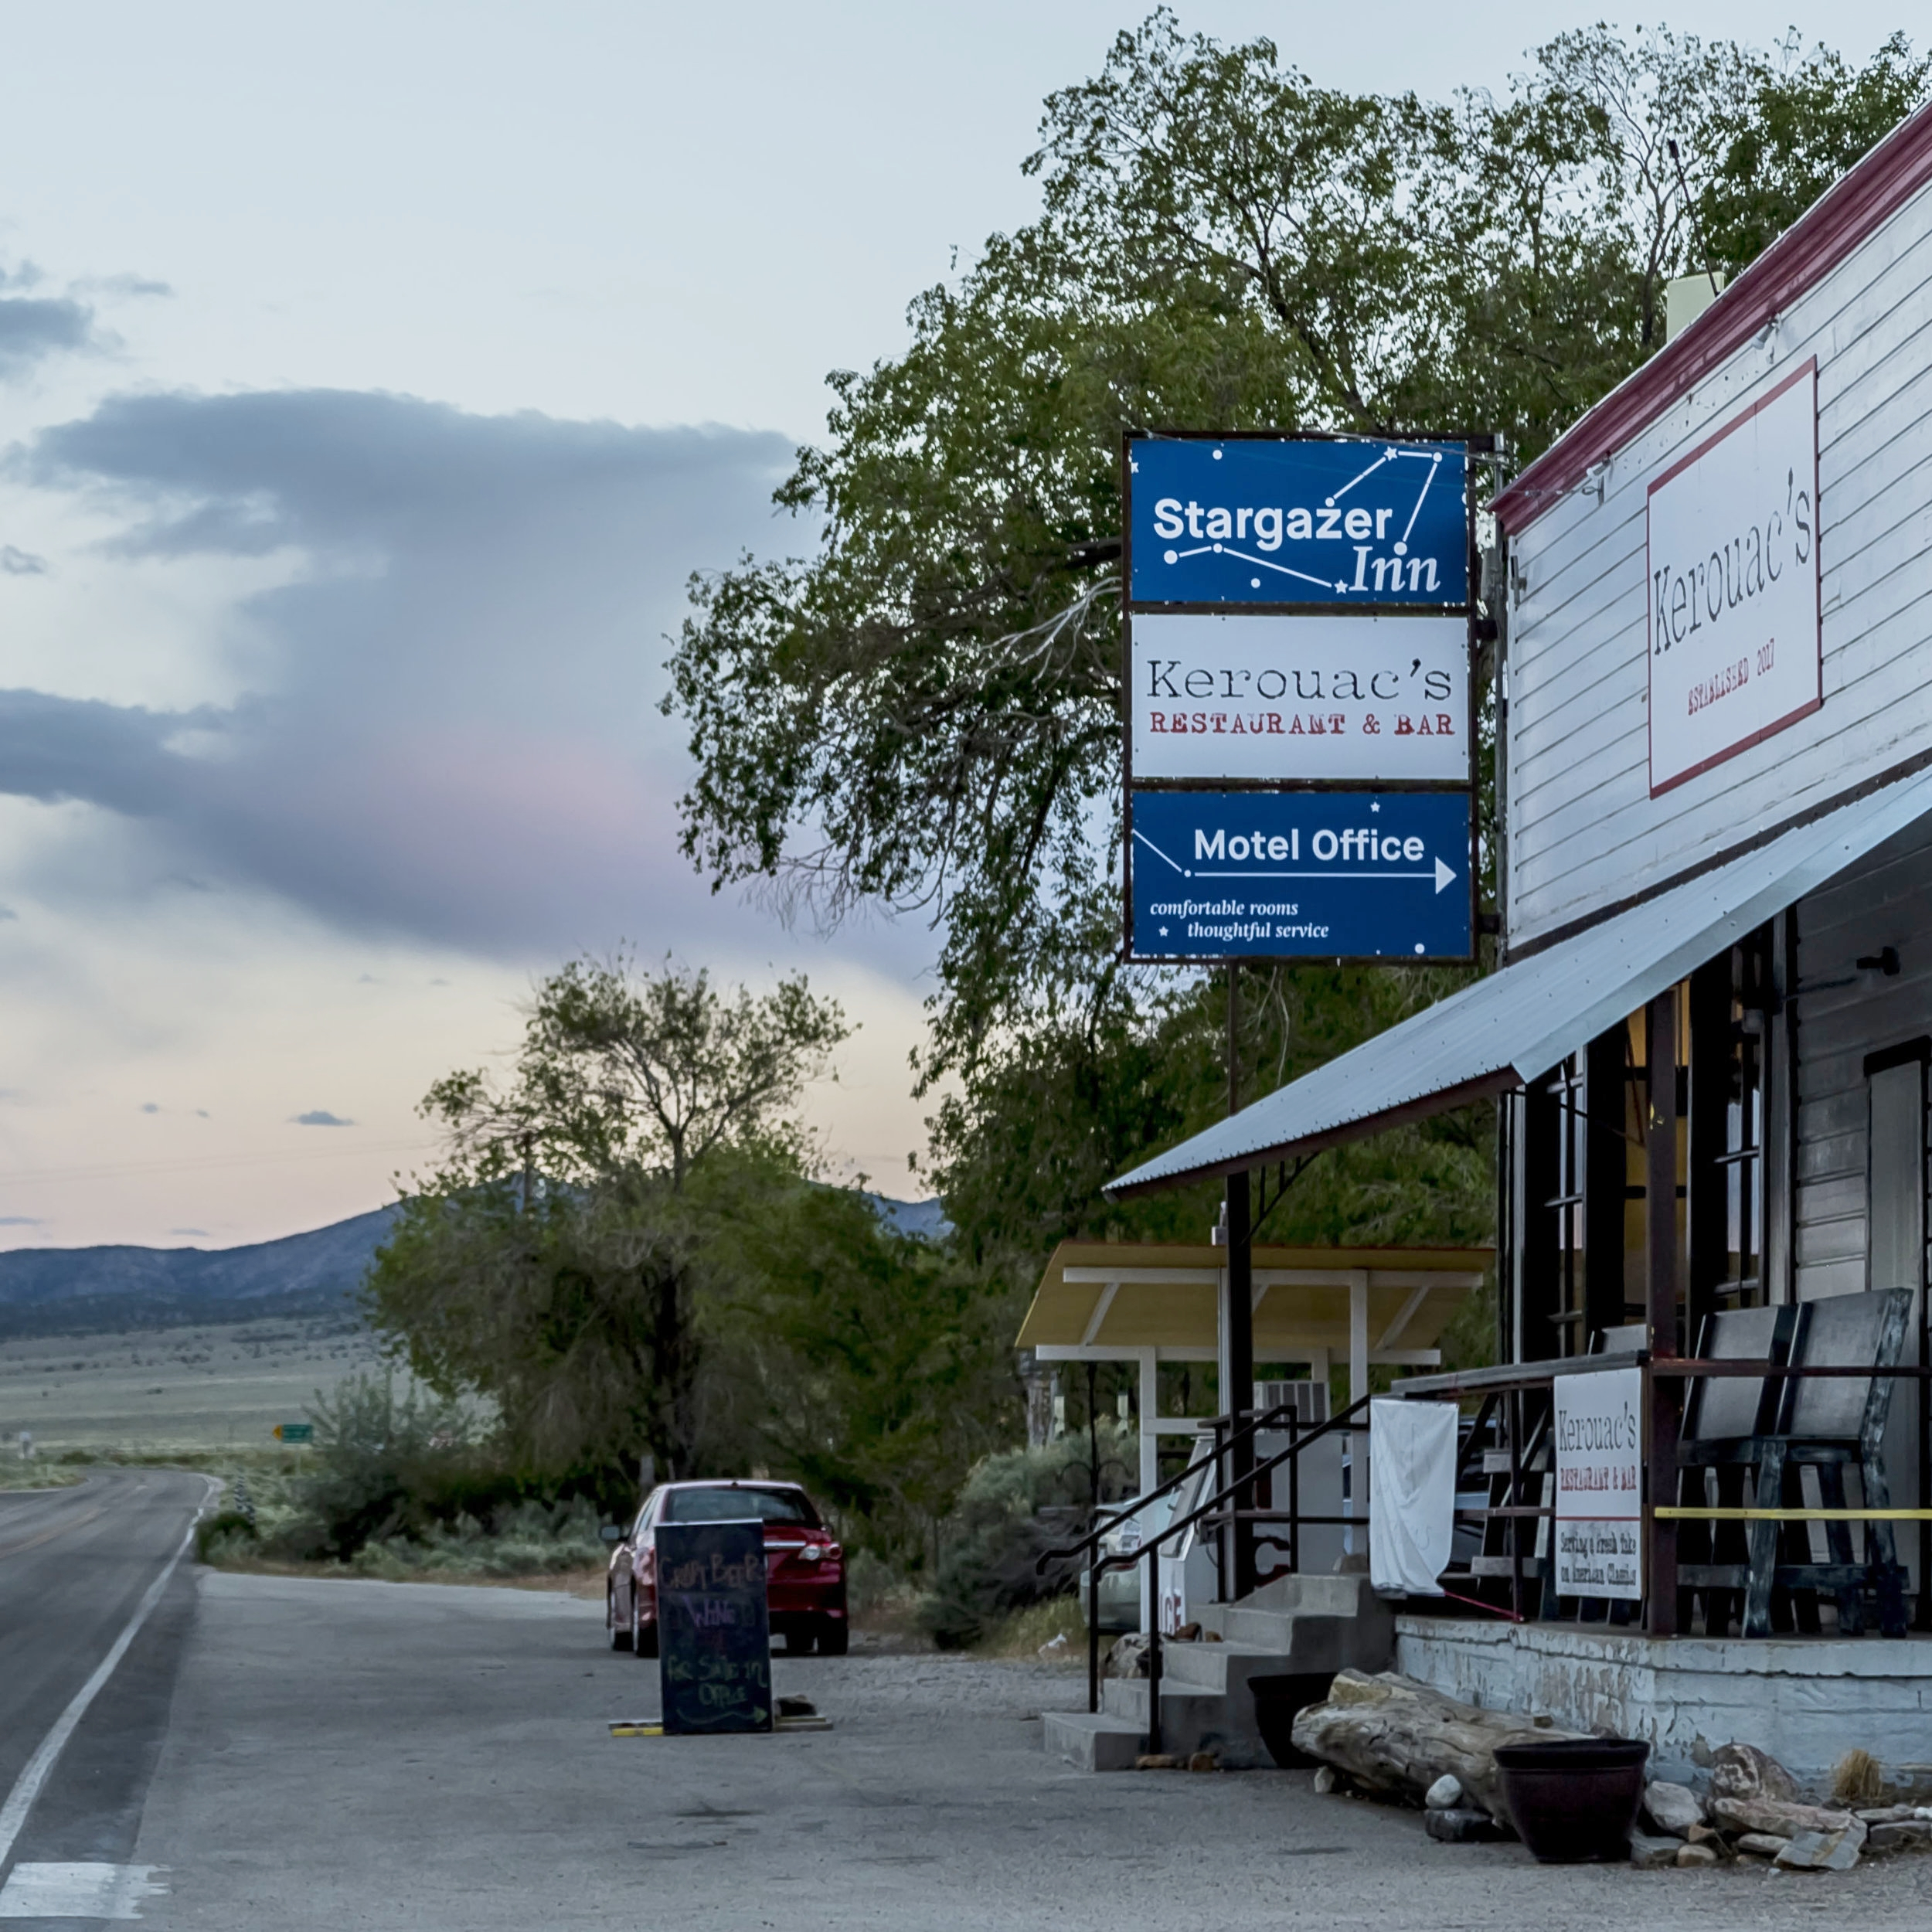 Motel - Stargazer Inn